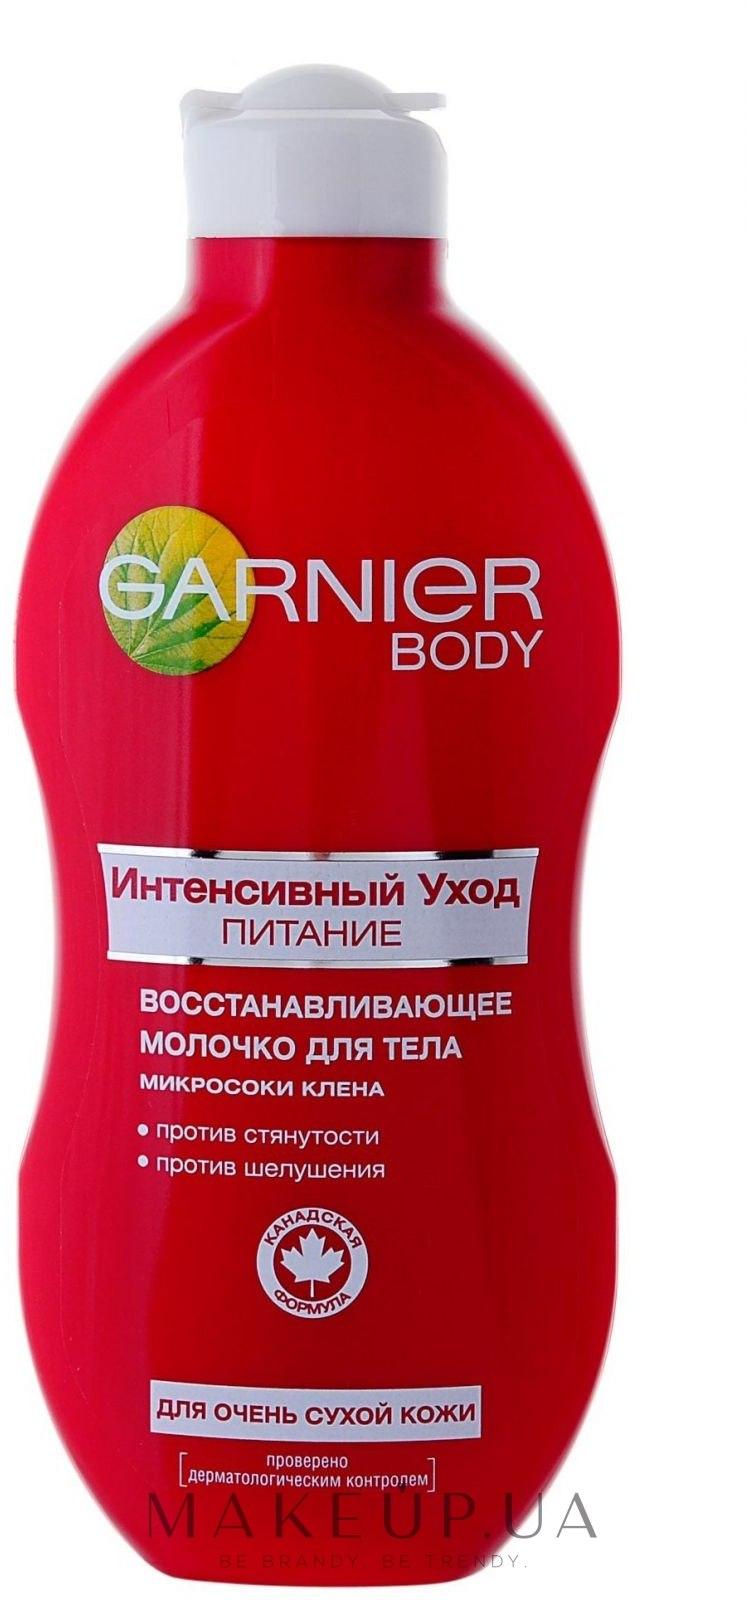 Восстанавливающее питательное молочко для очень сухой кожи garnier